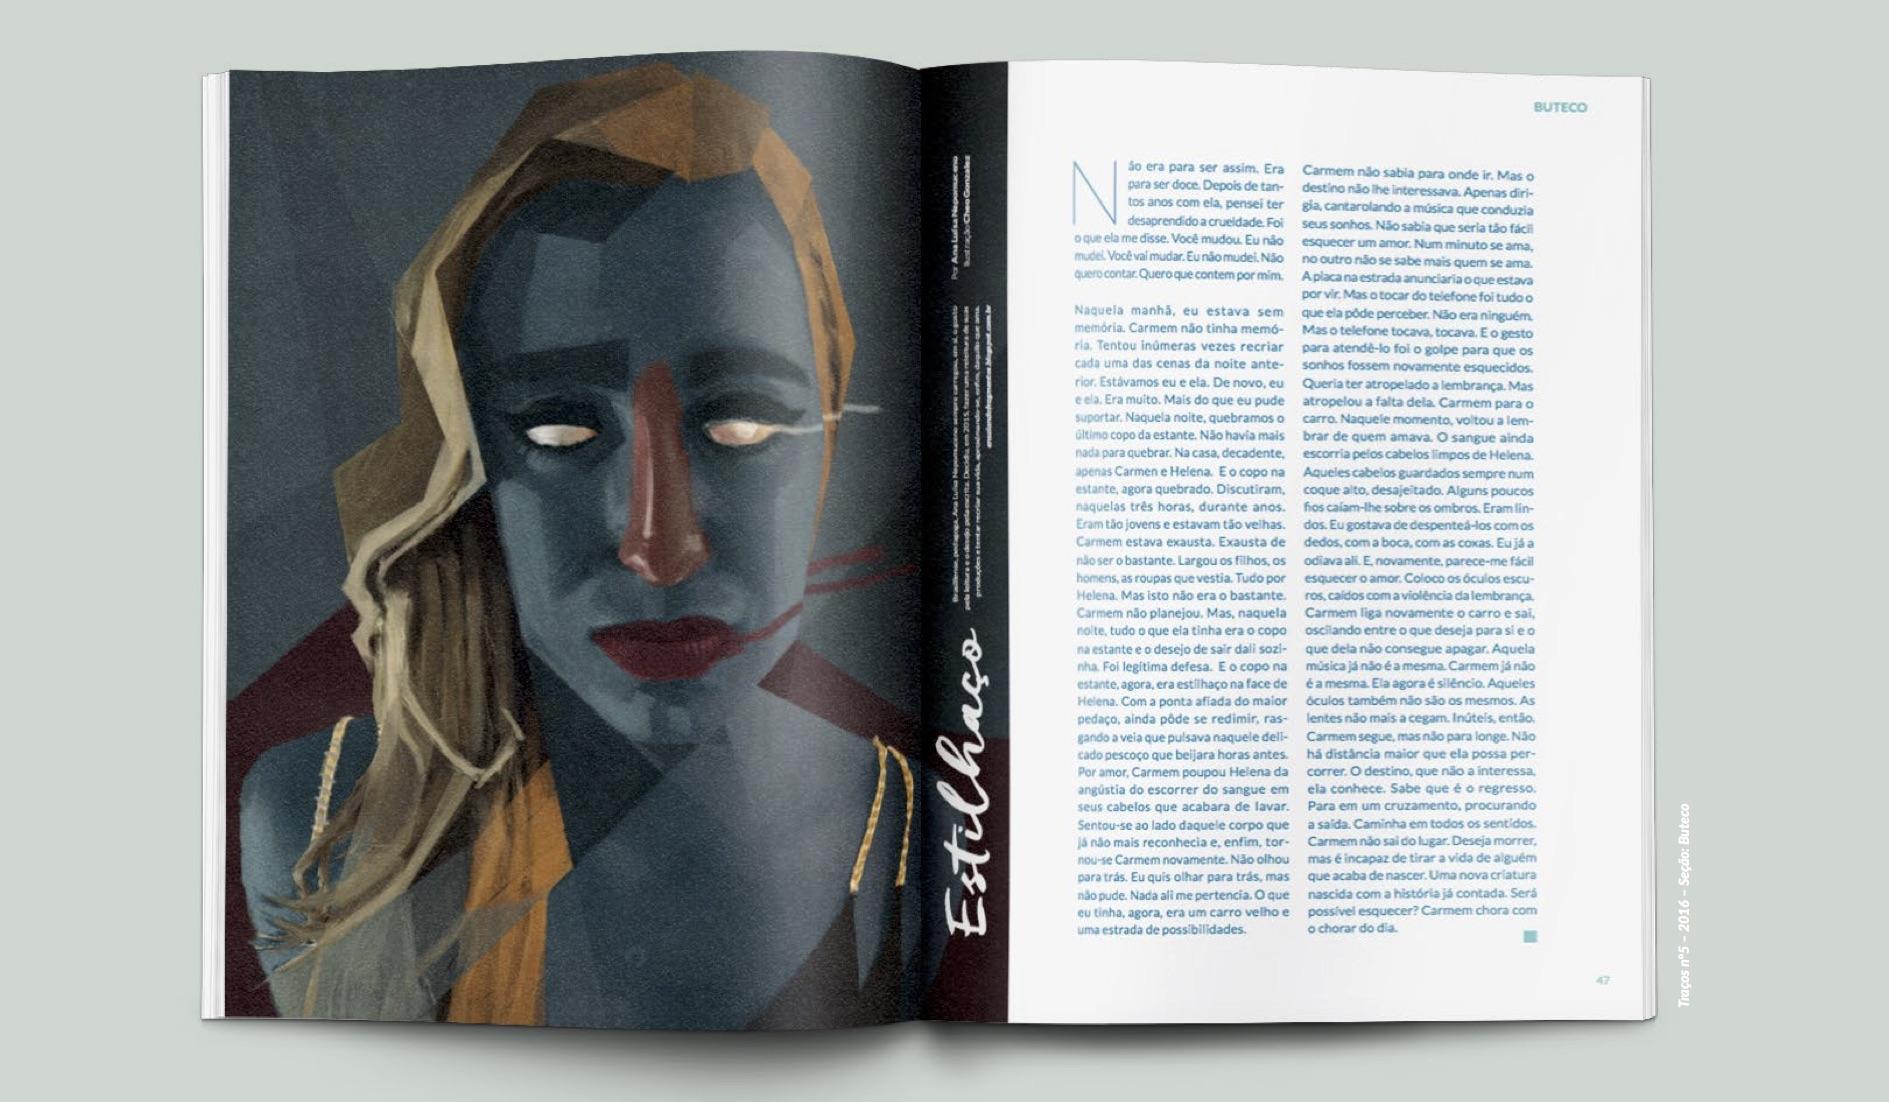 ilustrasmontagem_02